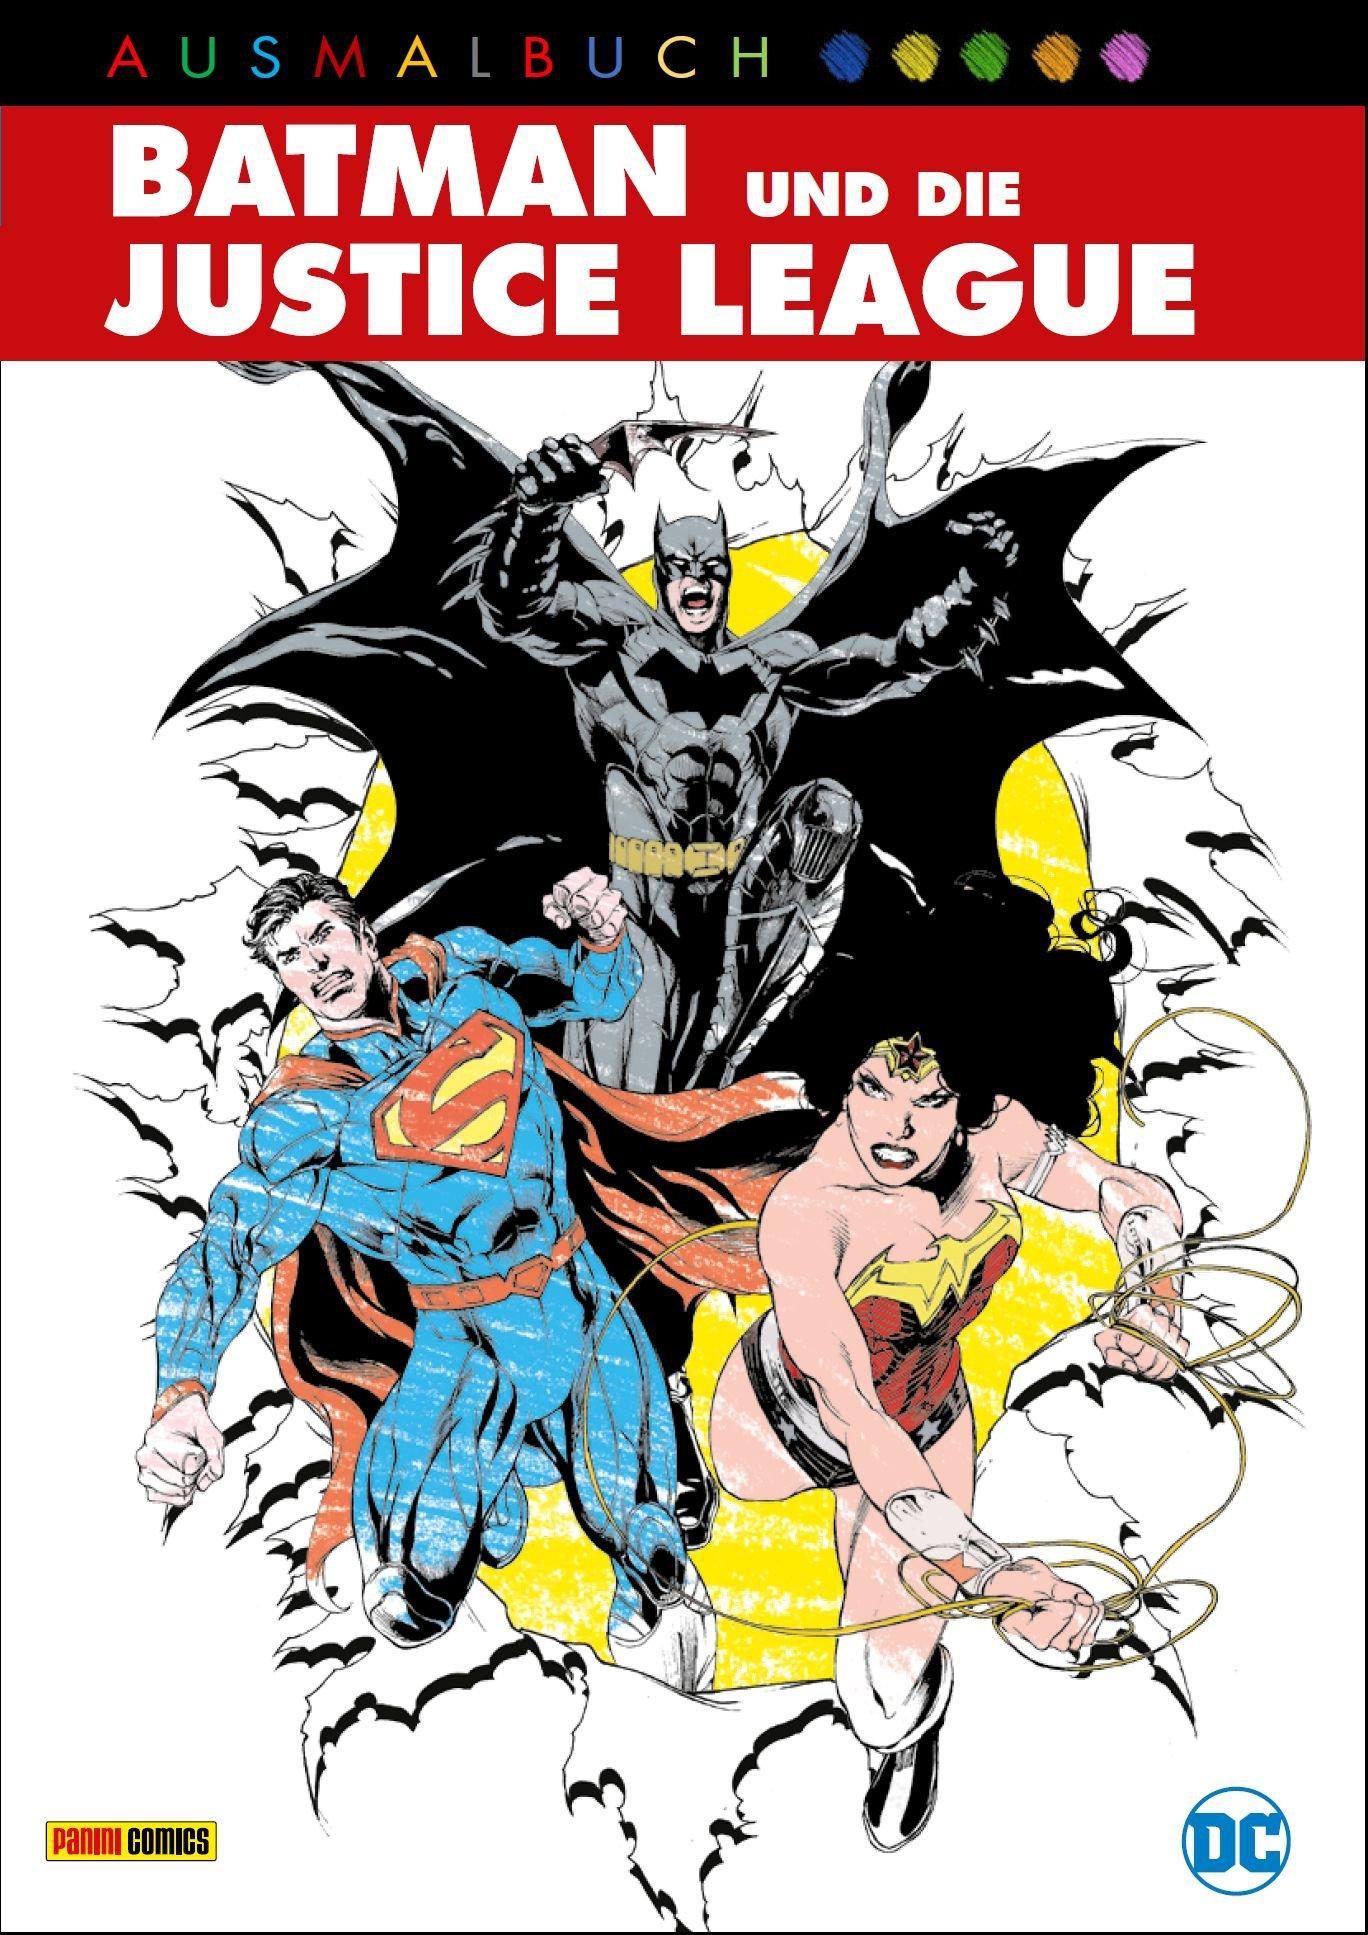 DC Ausmalbuch: Batman und die Justice League: Amazon.de: Panini: Bücher